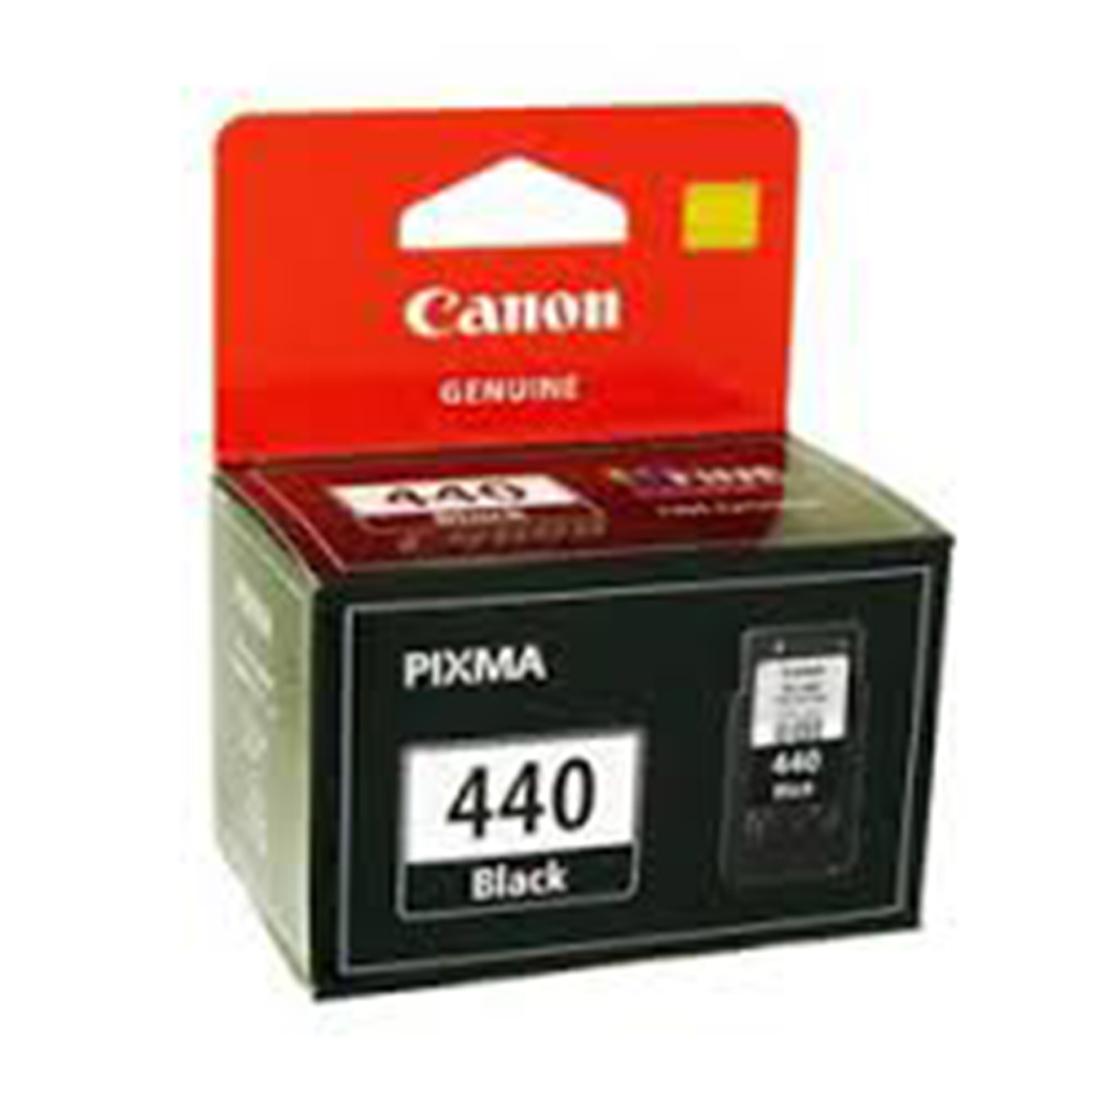 Заправка струйных картриджей принтеров НР и Canon - Эксперт